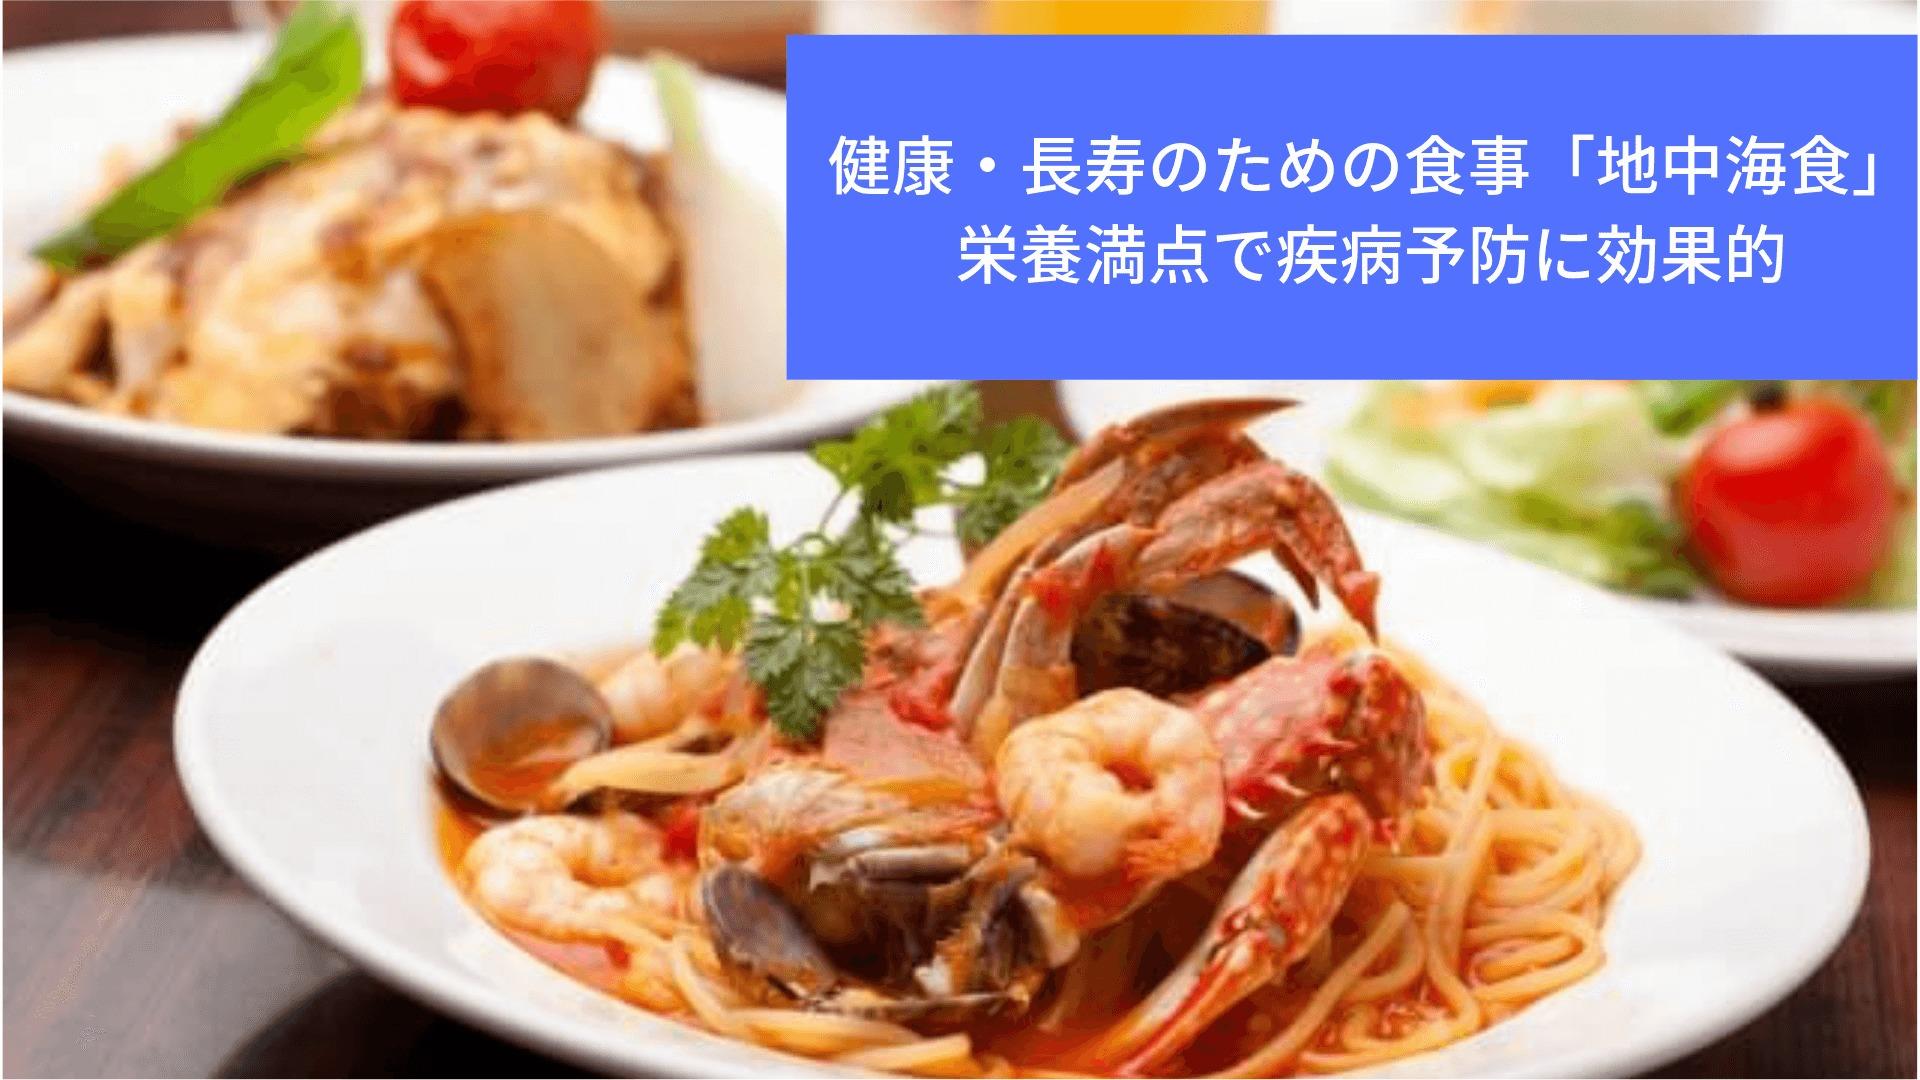 健康・長寿のための食事「地中海食」 栄養満点で疾病予防に効果的